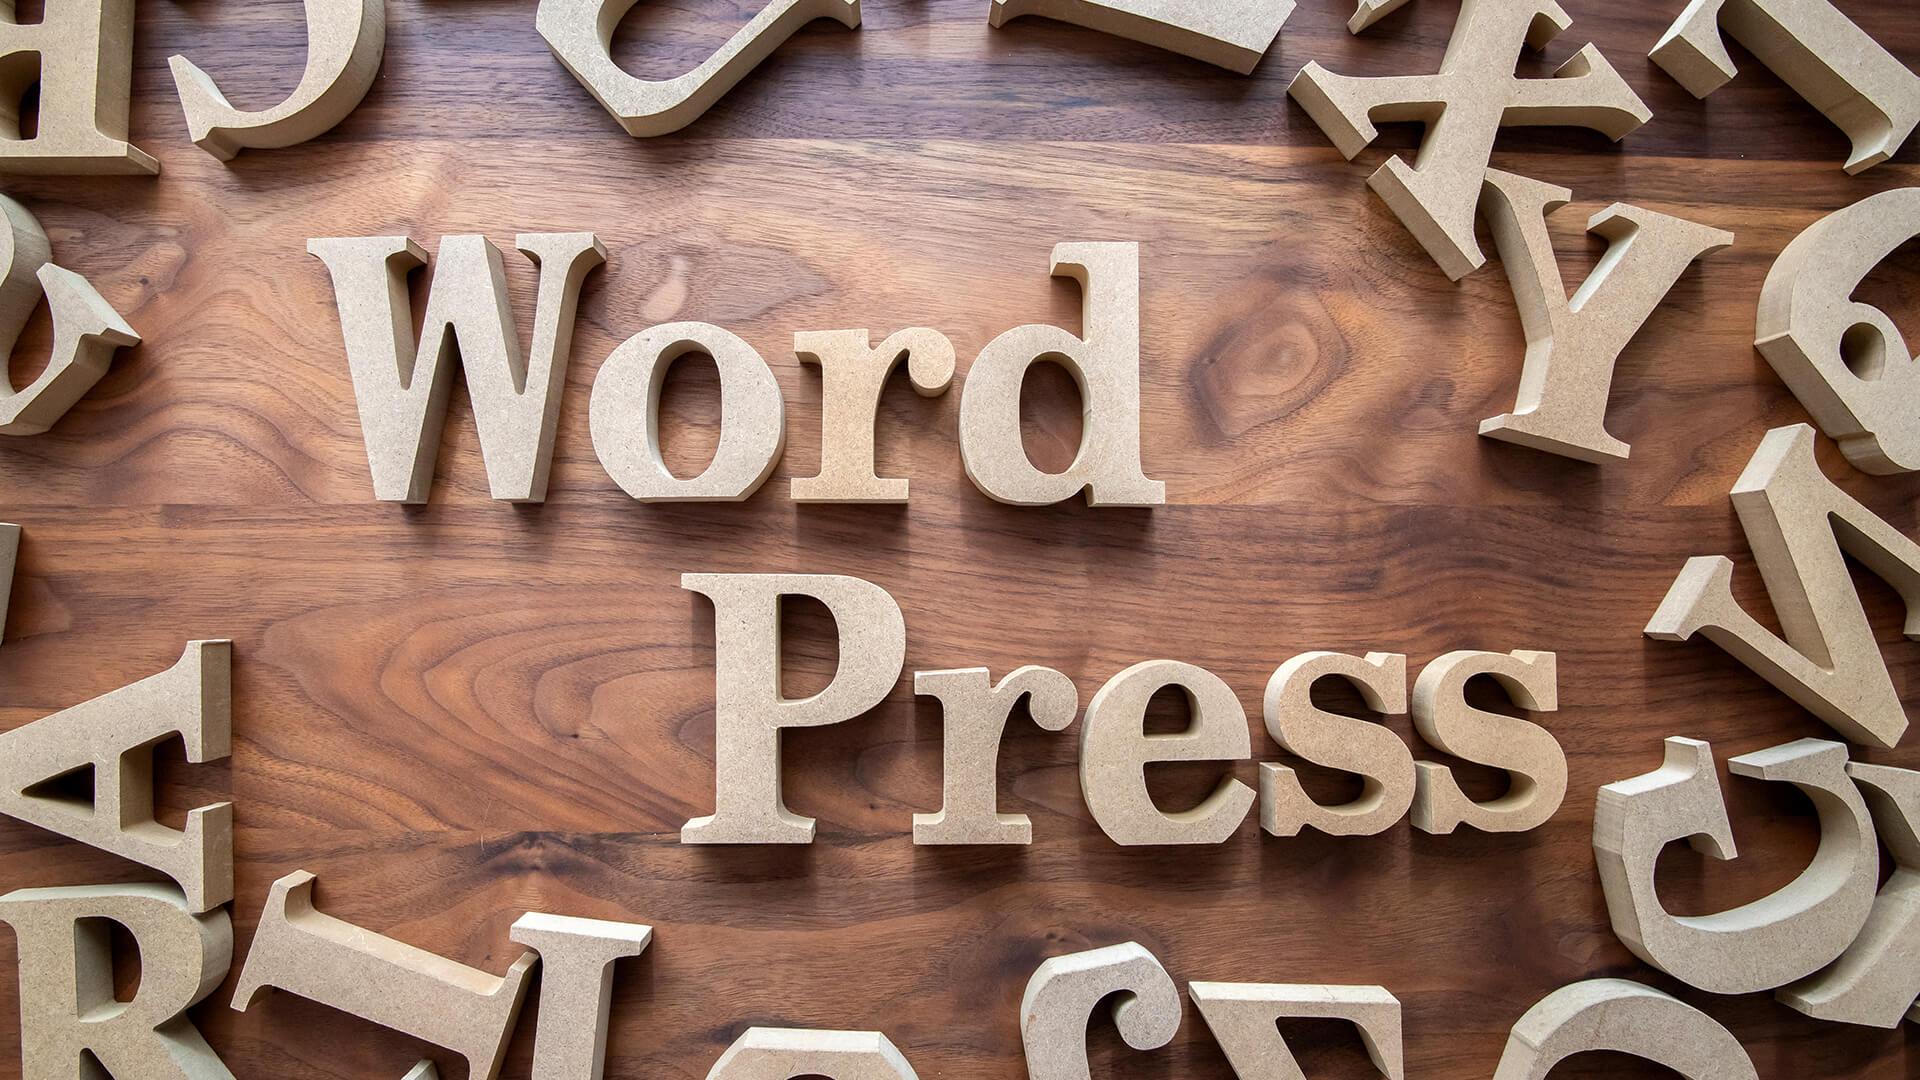 WordPressで投稿タイプに紐づいたタクソノミーを取得する方法